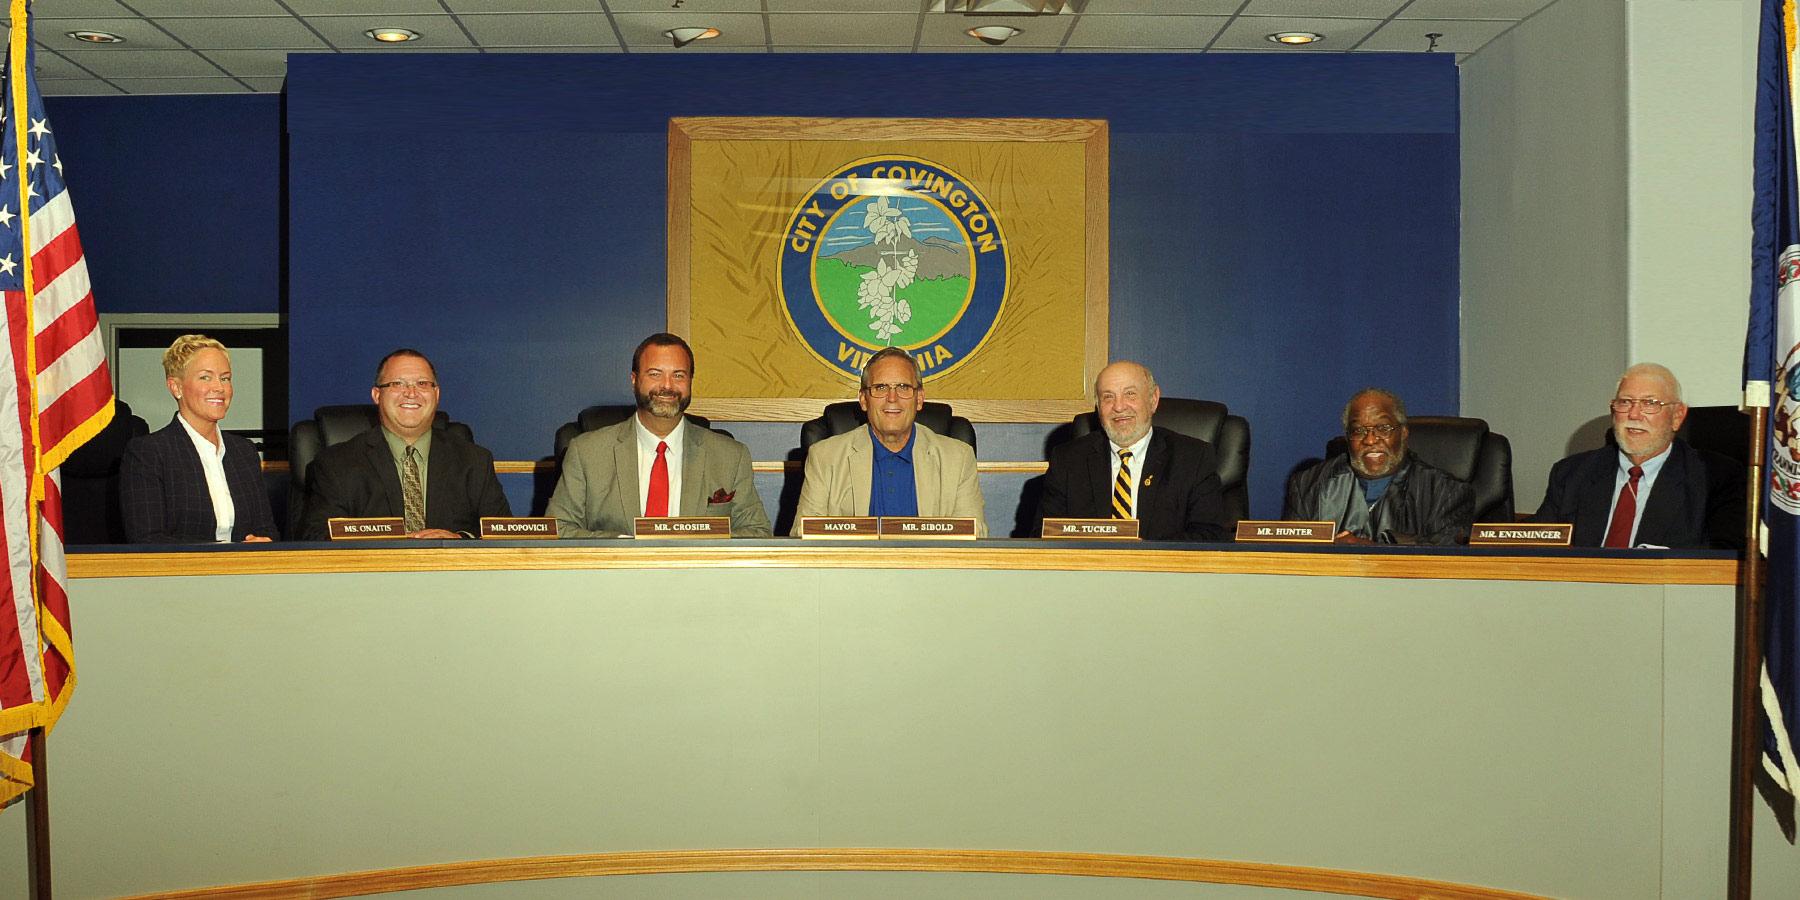 City Council 2019